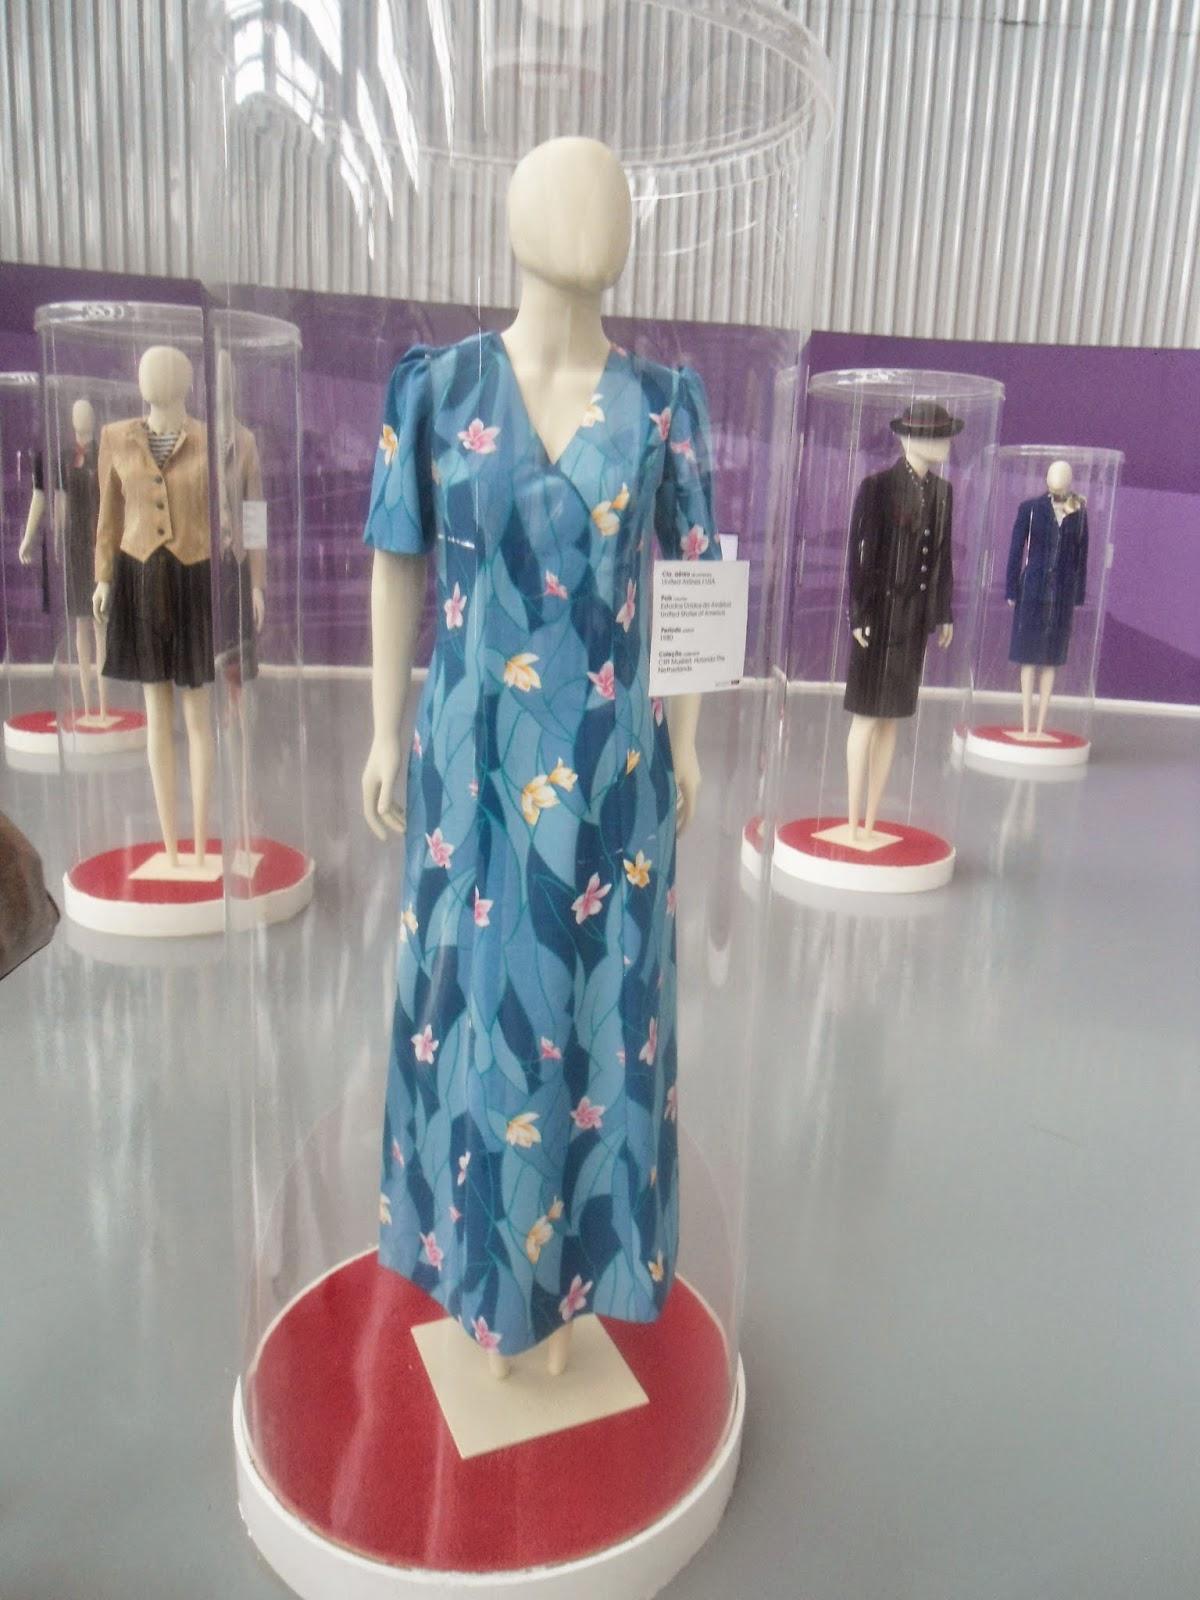 Além disso existe uma exposição dos uniformes de comissárias de  #92393D 1200x1600 Banheiro Avião Tam